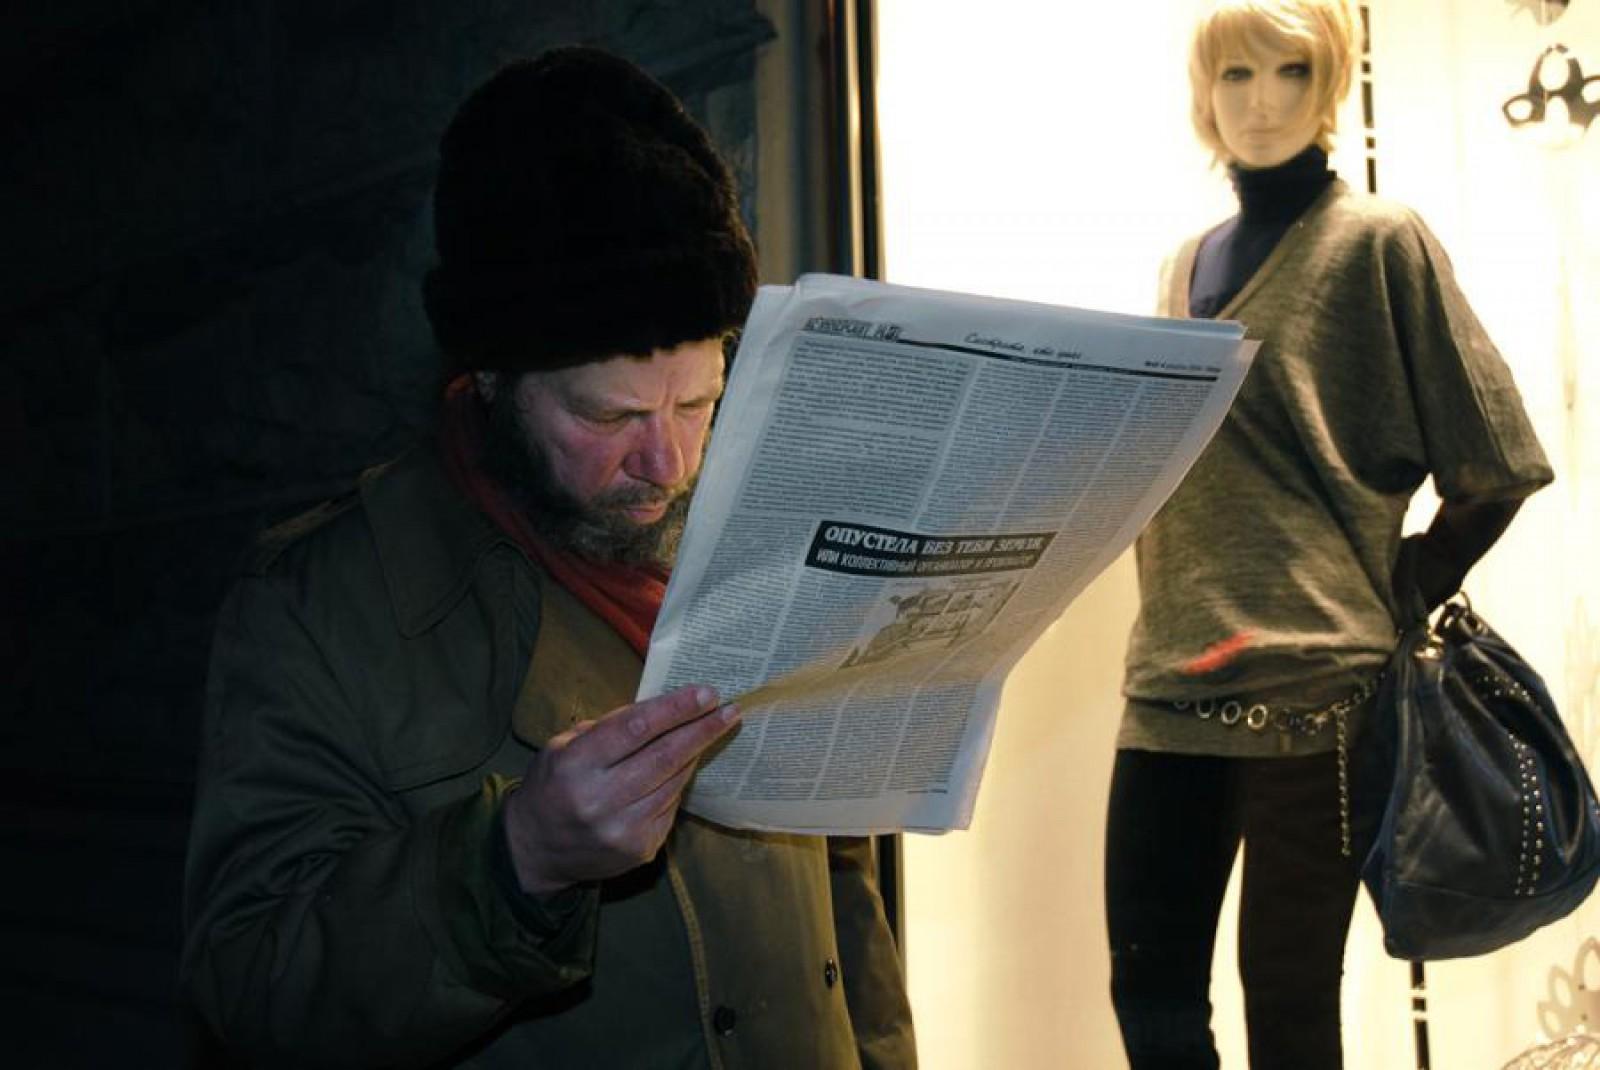 Media din Republica Moldova, exemplu negativ într-un articol al organizației Freedom House